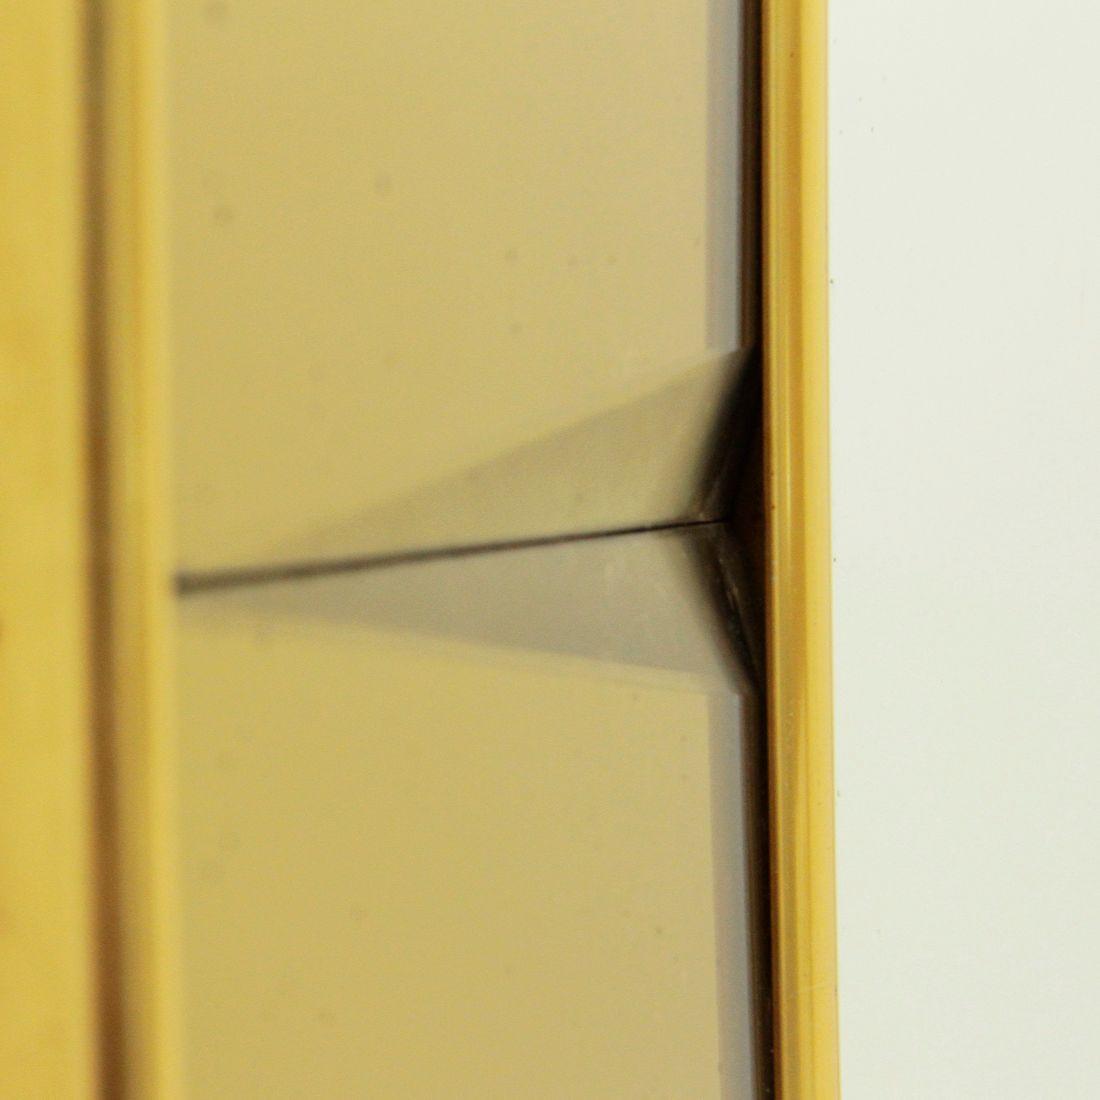 miroir mod le 2690 en cristal italie 1950s en vente sur pamono. Black Bedroom Furniture Sets. Home Design Ideas